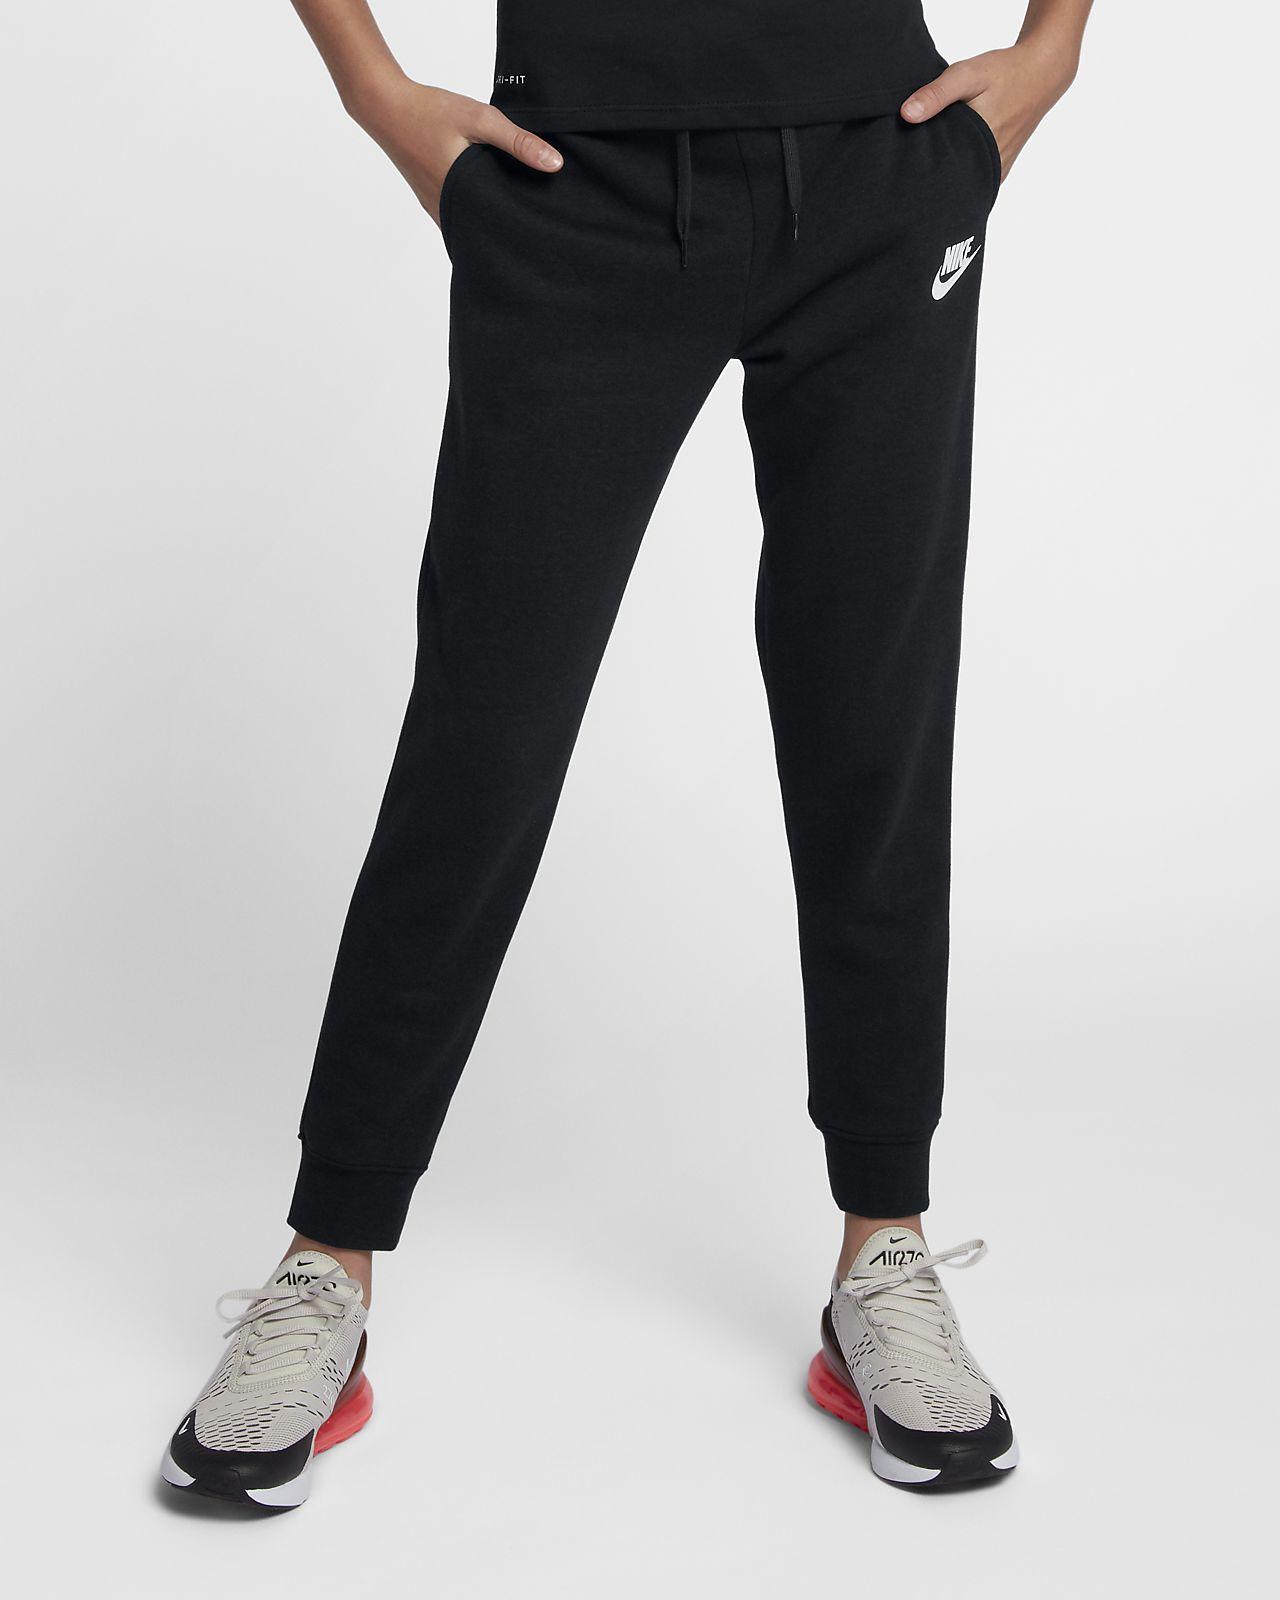 Plus Pour Fille Sportswear Nike Pantalon Be Âgée Wwq0FfnxIT